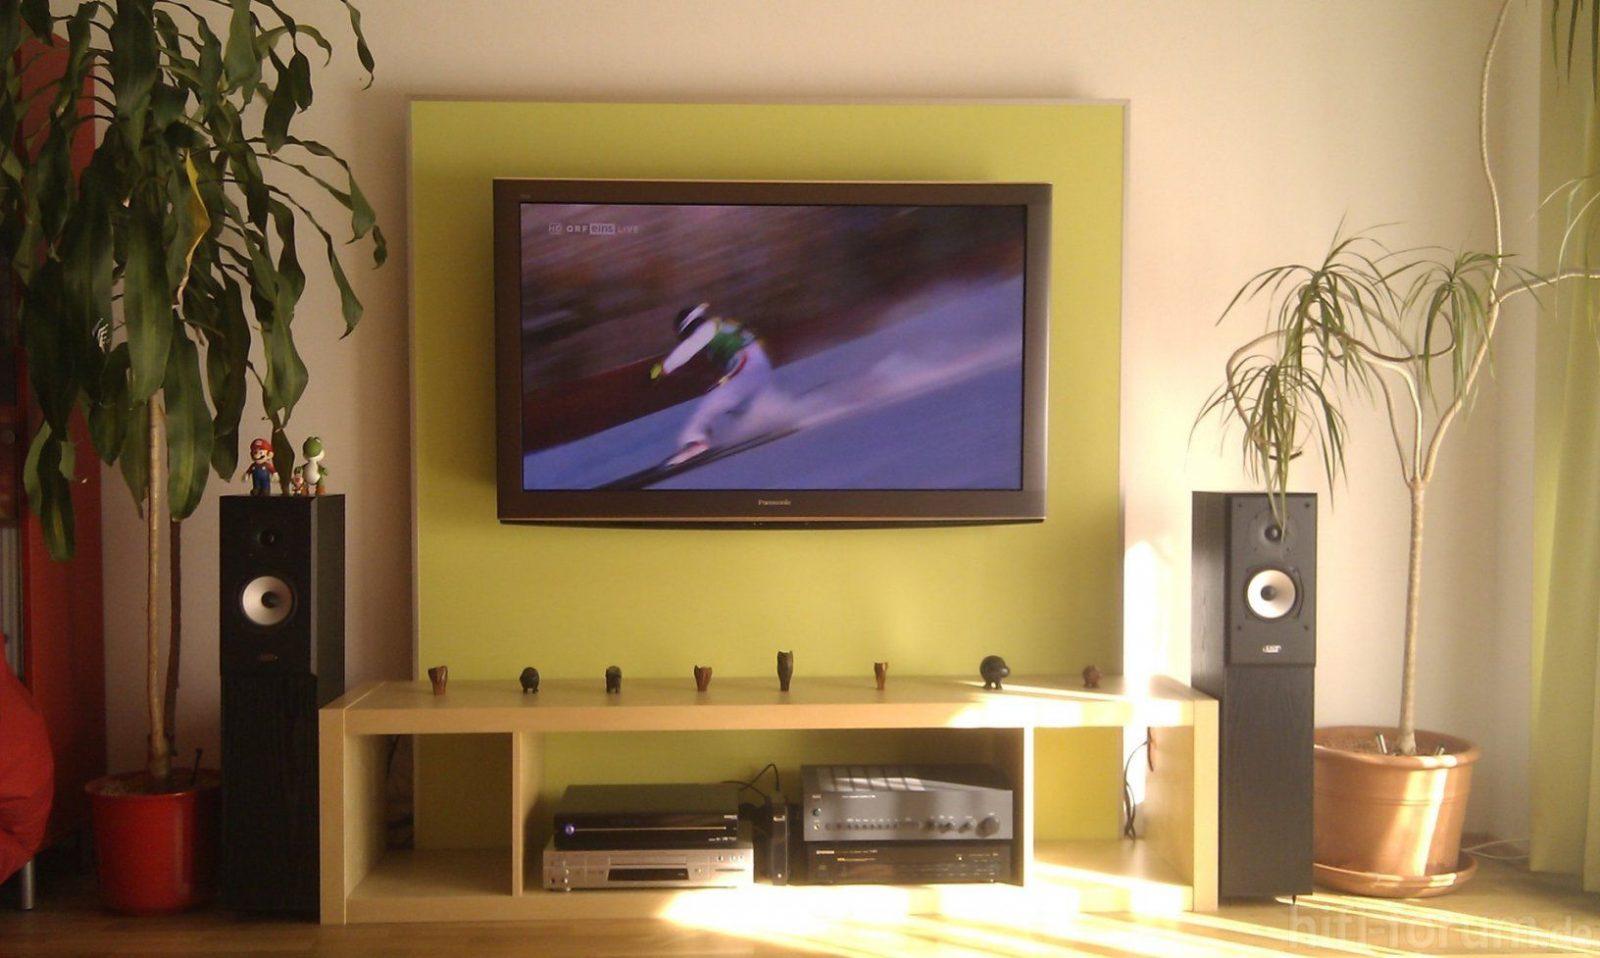 Faszinierend Fernseher Kabel Verstecken Wandhalterung Tv Kabel von Fernseher Wandmontage Kabel Verstecken Photo